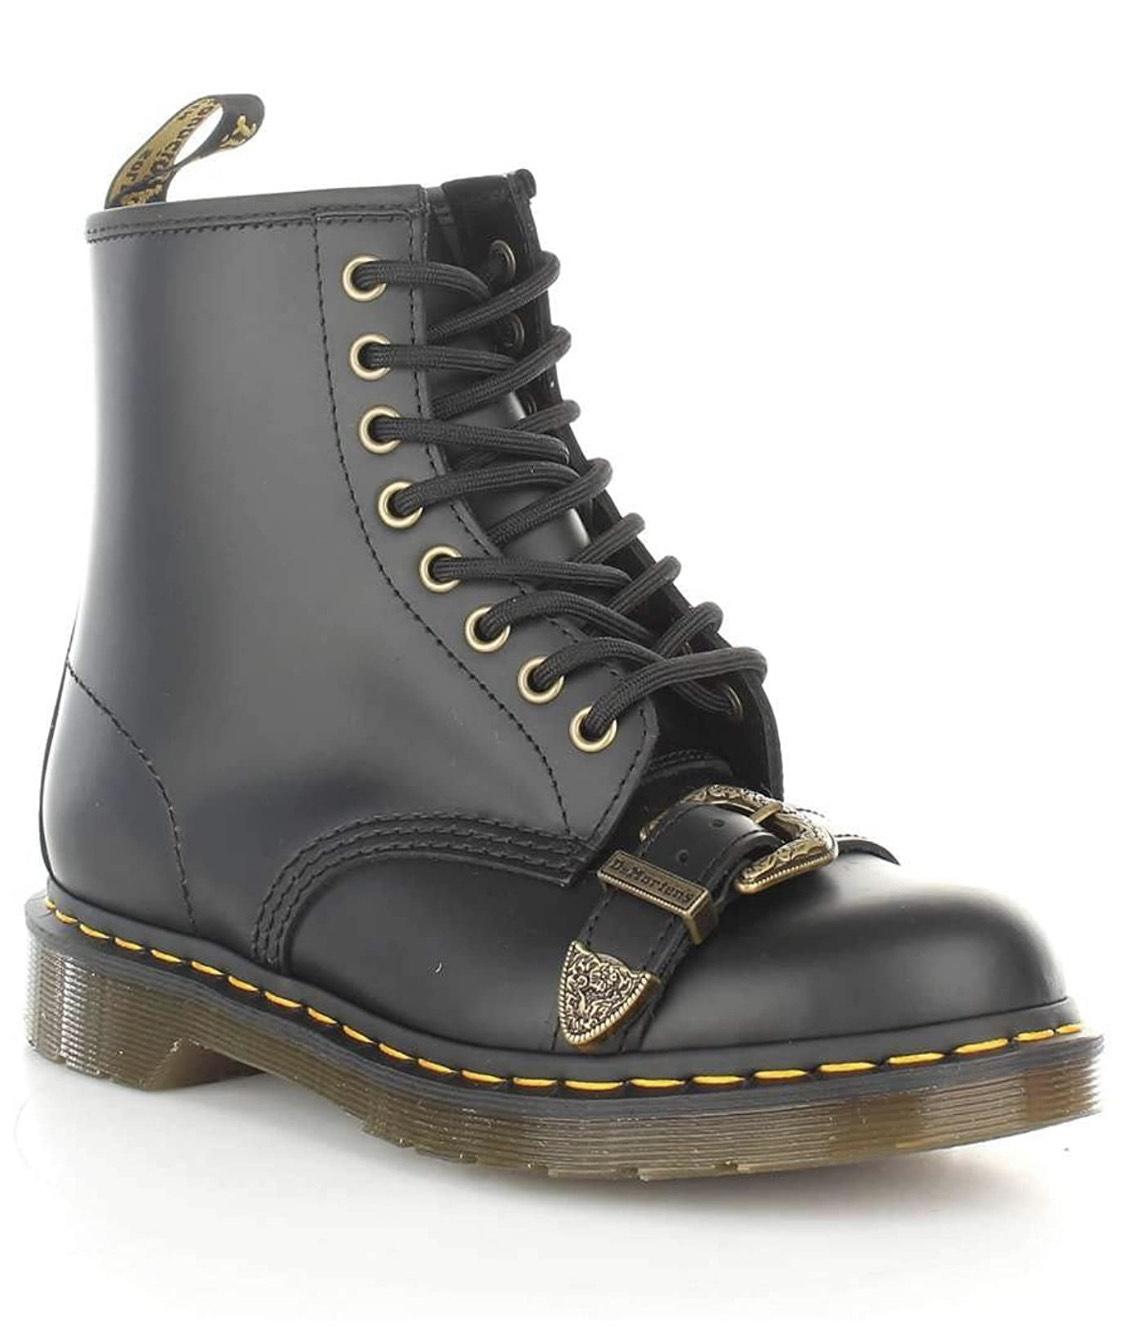 Chaussures Femme Dr Martens 1460 Bucke Neri - Tailles 37 au 41 (Vendeur Tiers)